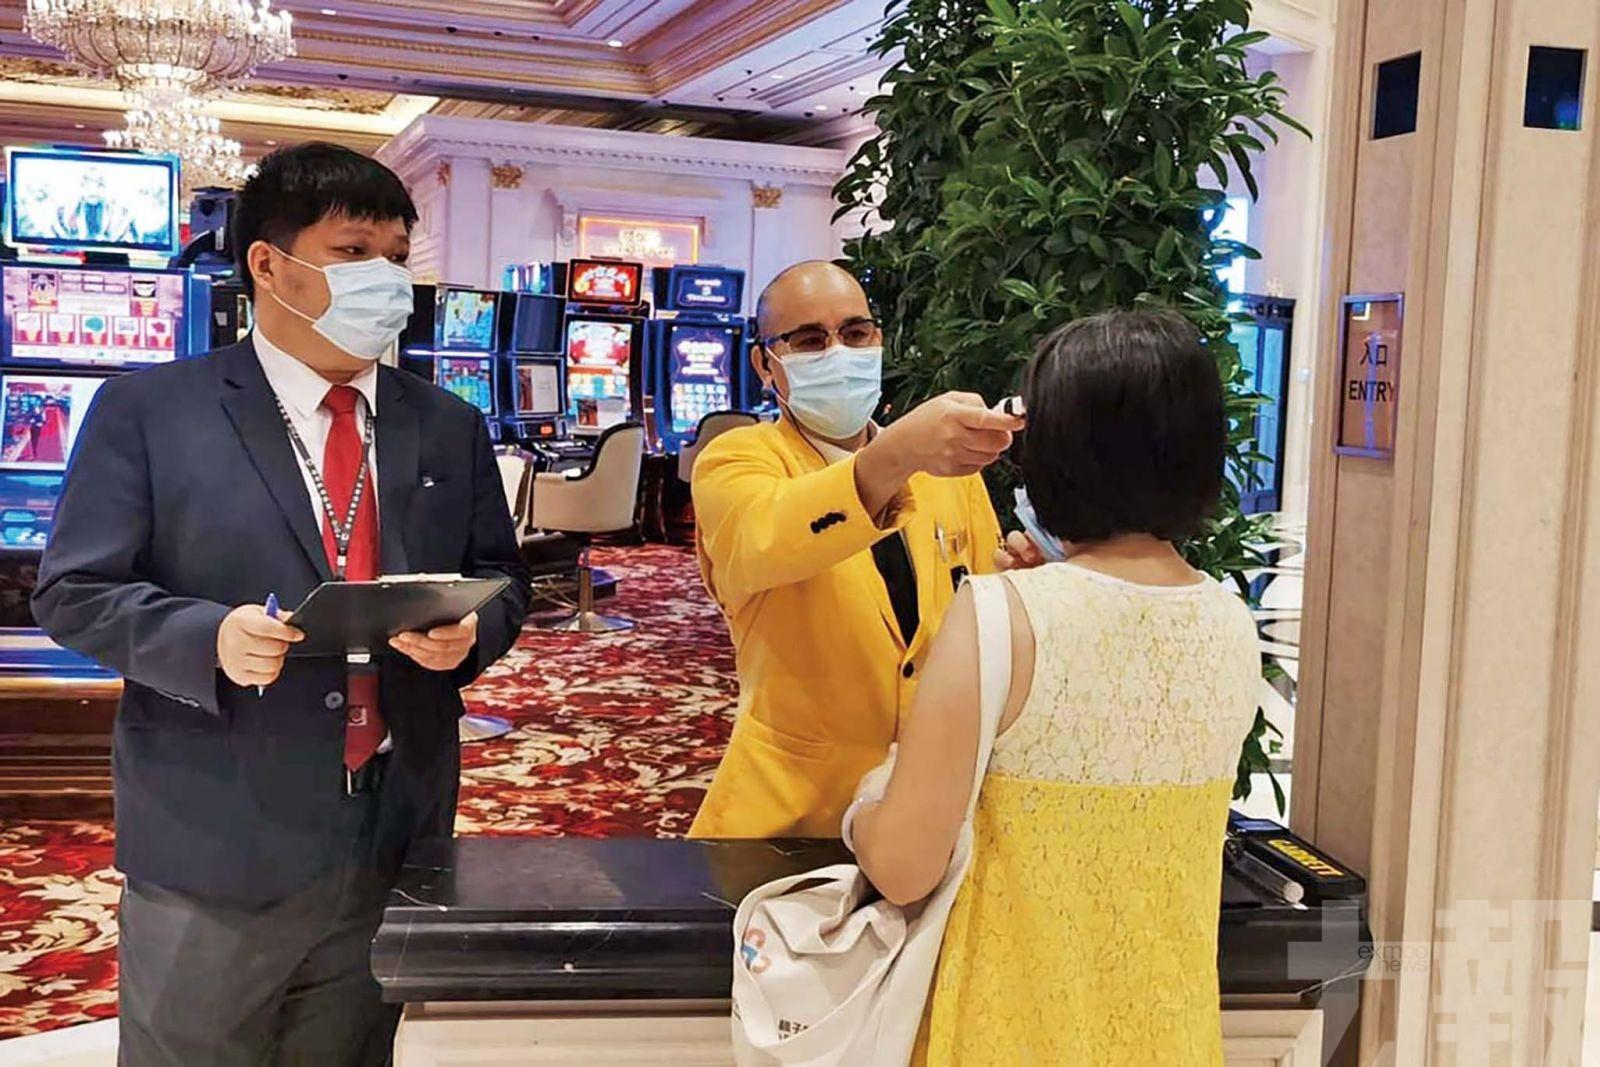 當局免費為賭場員工提供一次性核檢